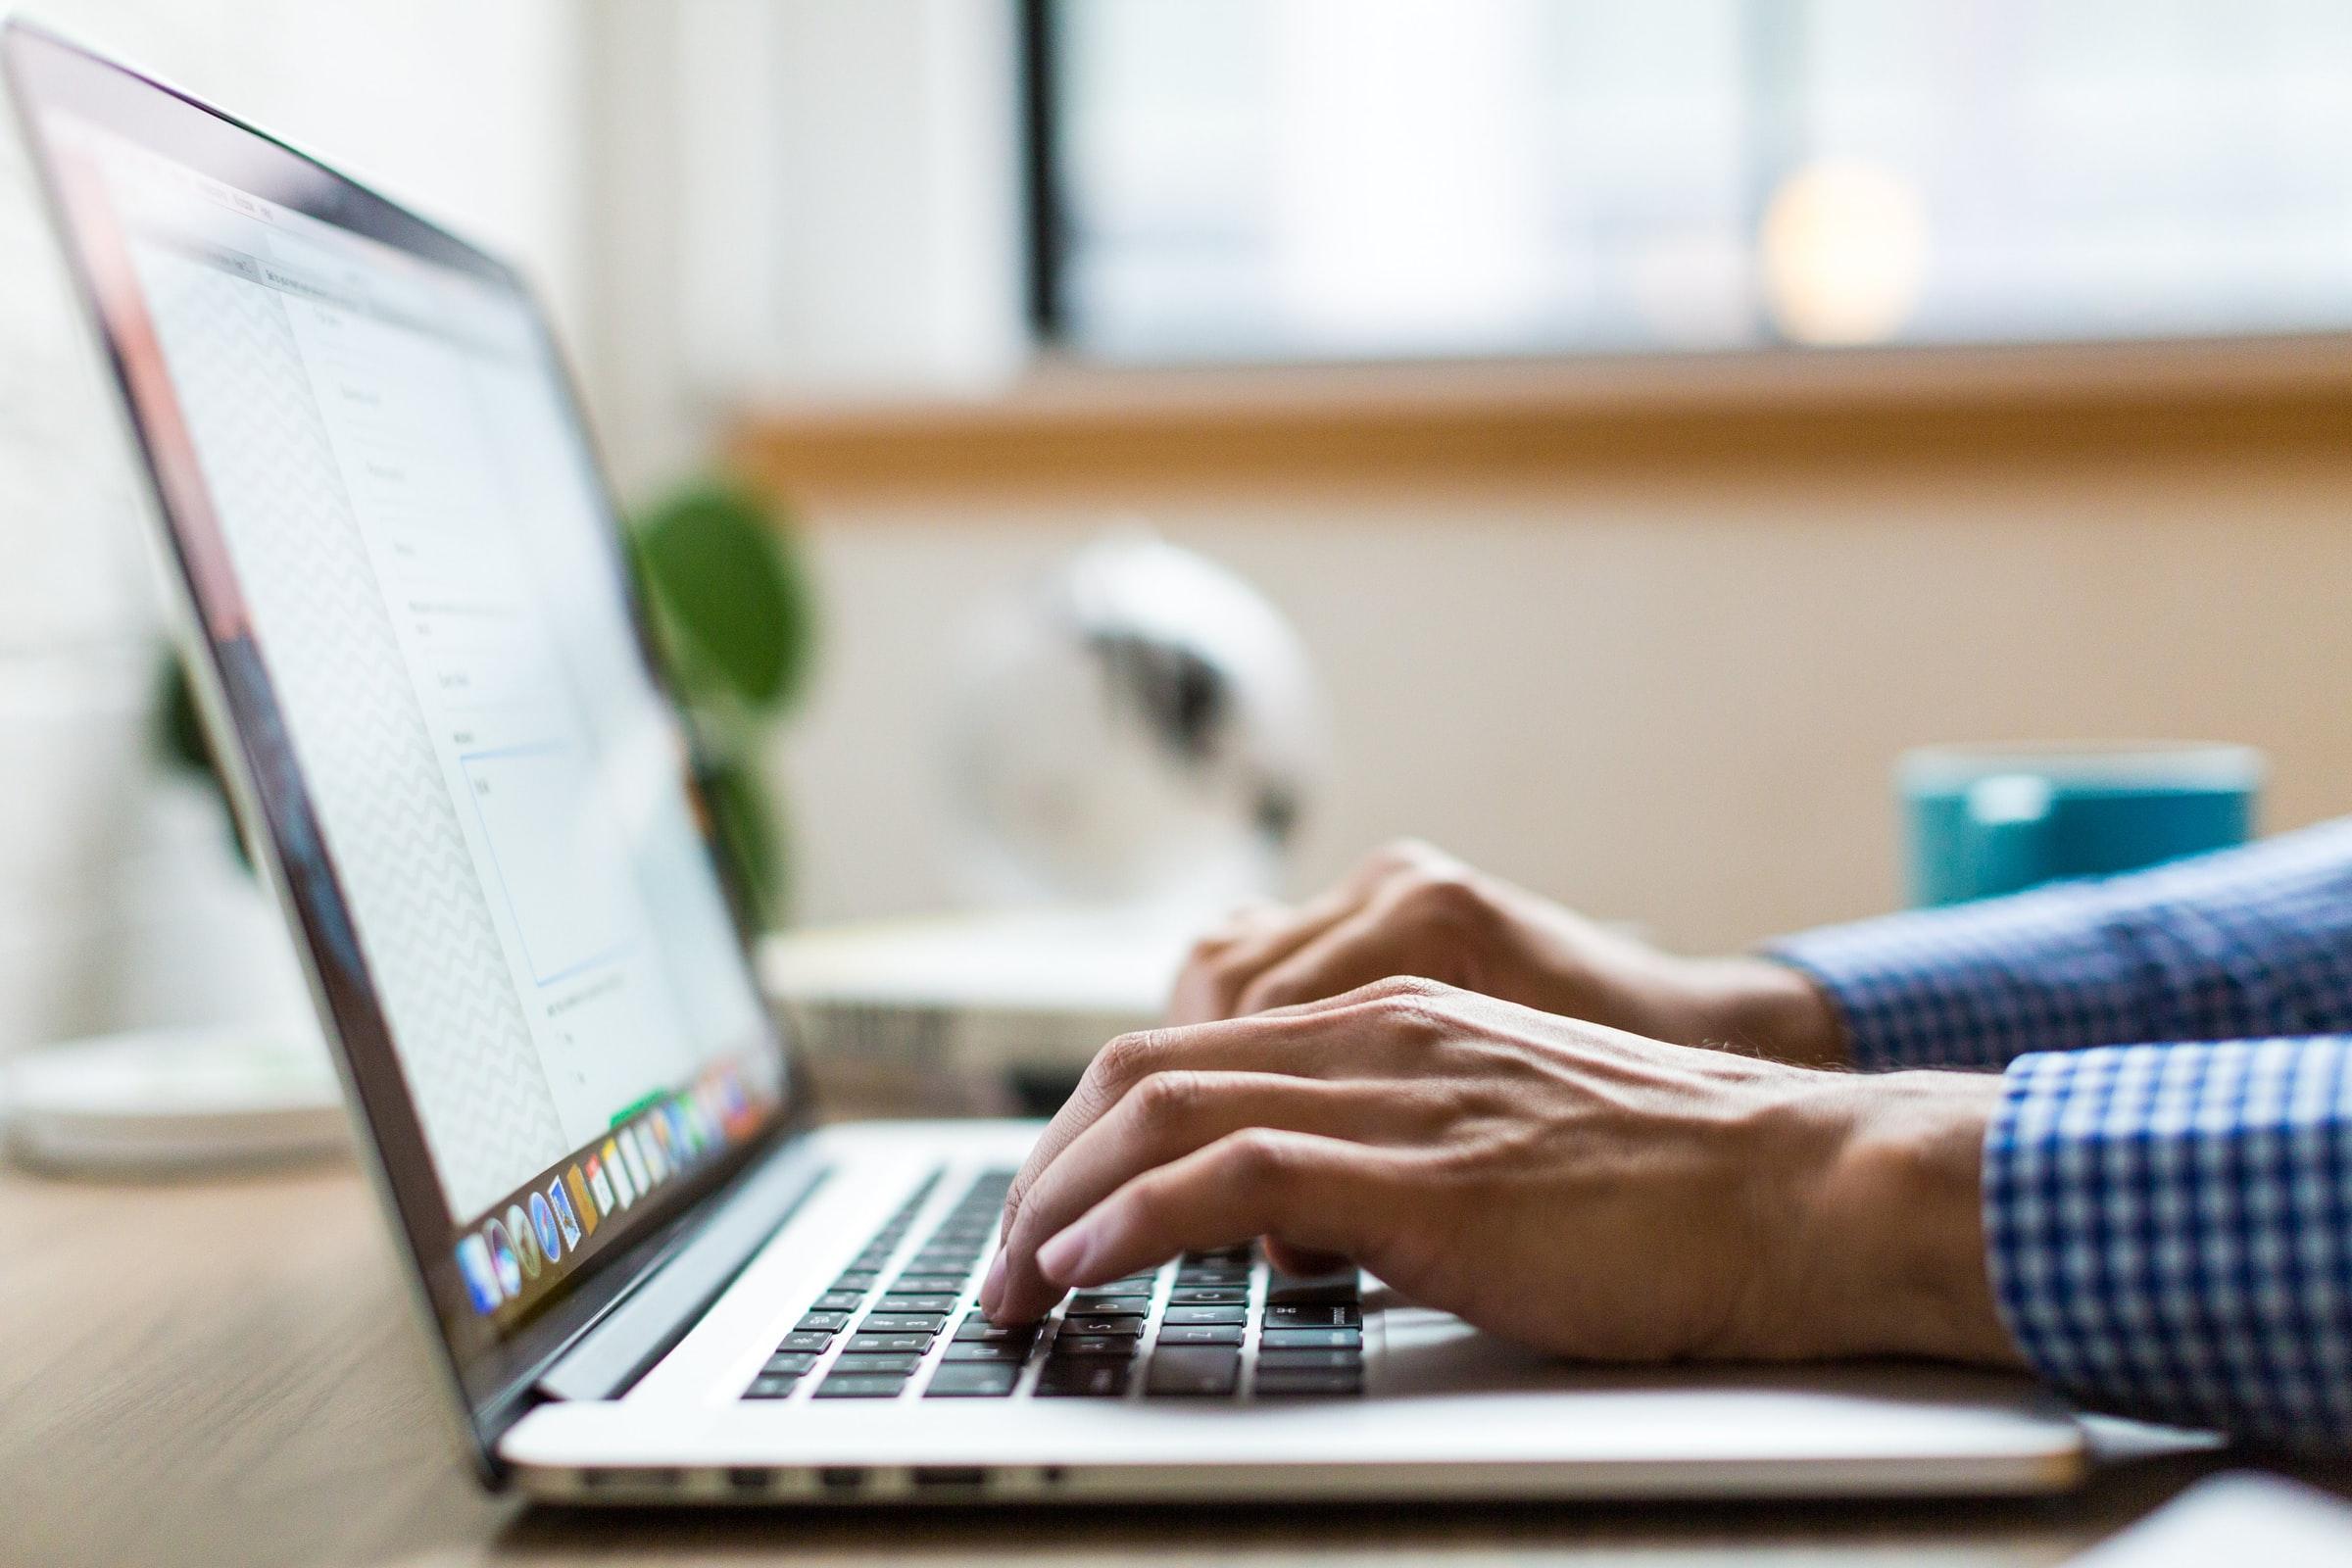 Remote Work Tipps: In der iGaming Branche finden sich viele Stellen, die nicht in Präsenzarbeit erledigt werden müssen, beispielsweise in der Entwicklung.